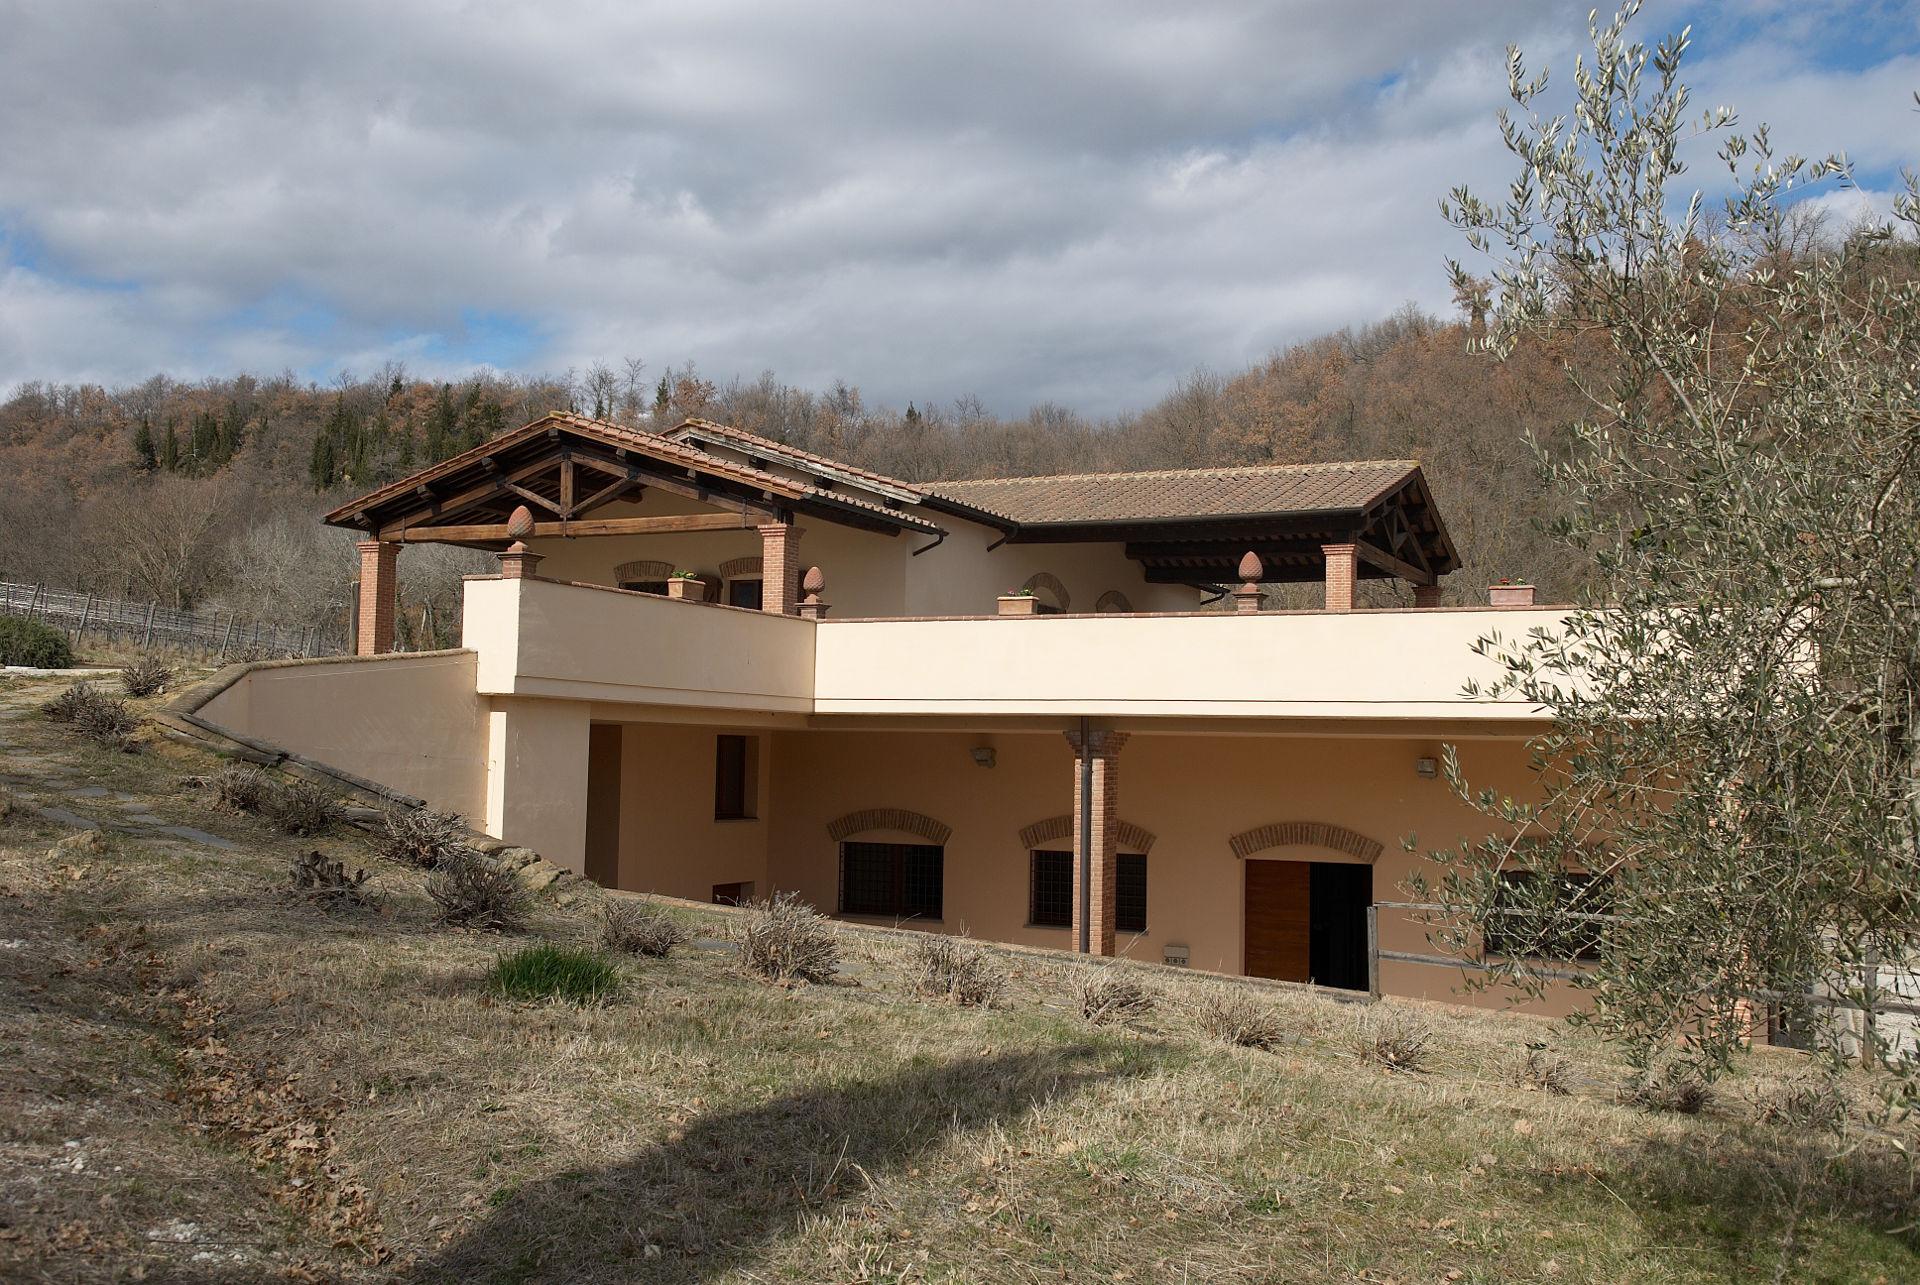 Cantina de Ricci